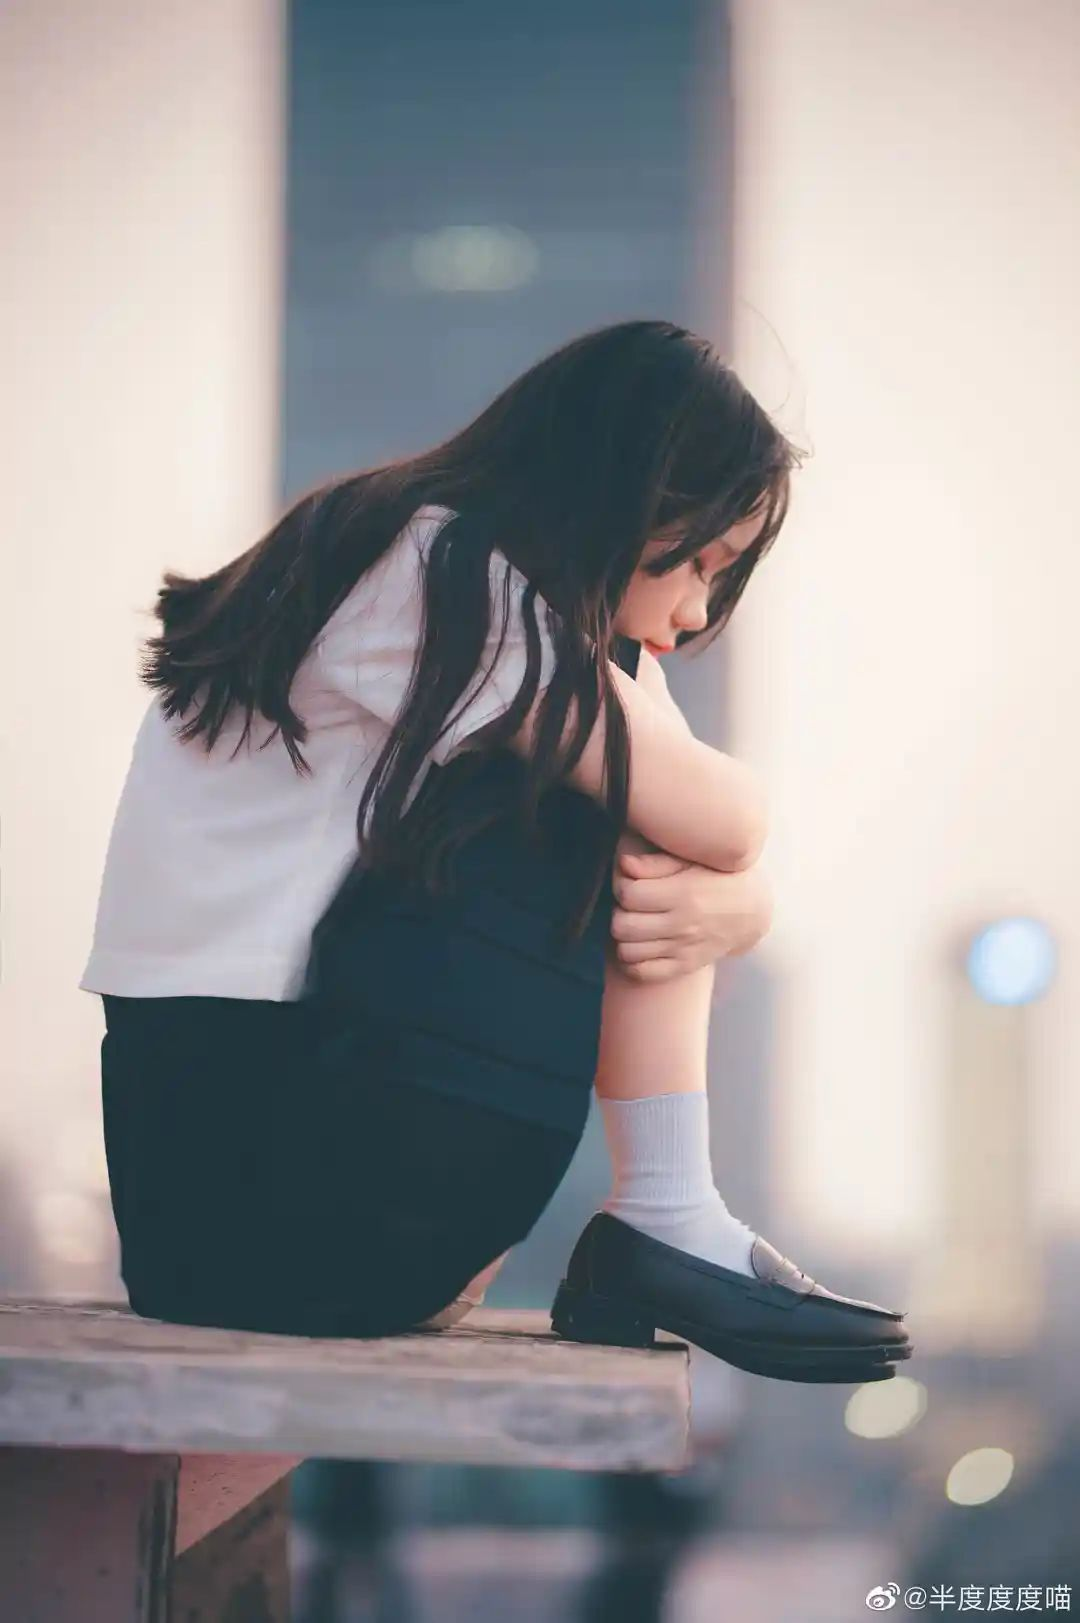 妹子摄影 – 元气JK制服少女,站在天台眺望高楼和朝阳_图片 No.1